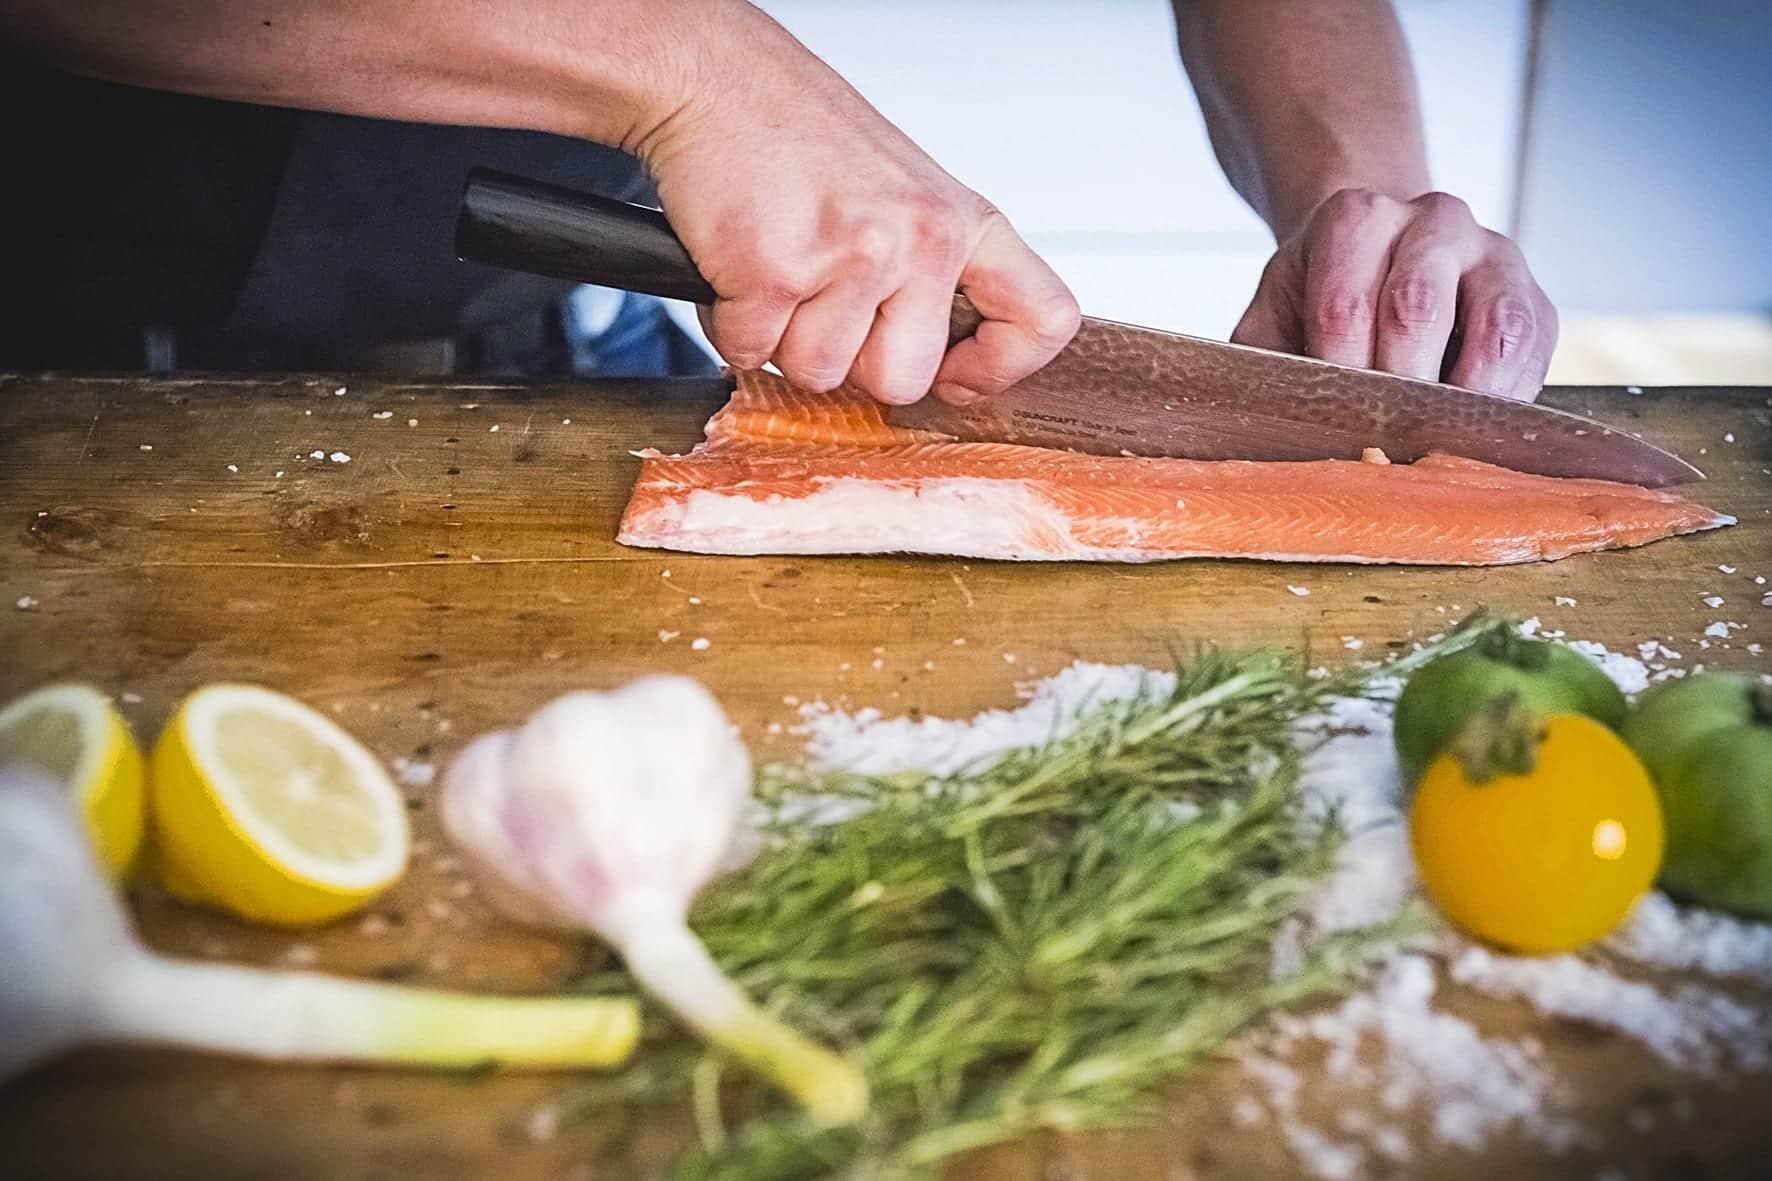 Fisch filetieren - Schnitt an der Längskante - Fisch filetieren - Schnitt am Rücken - Entdeckermagazin Miomente